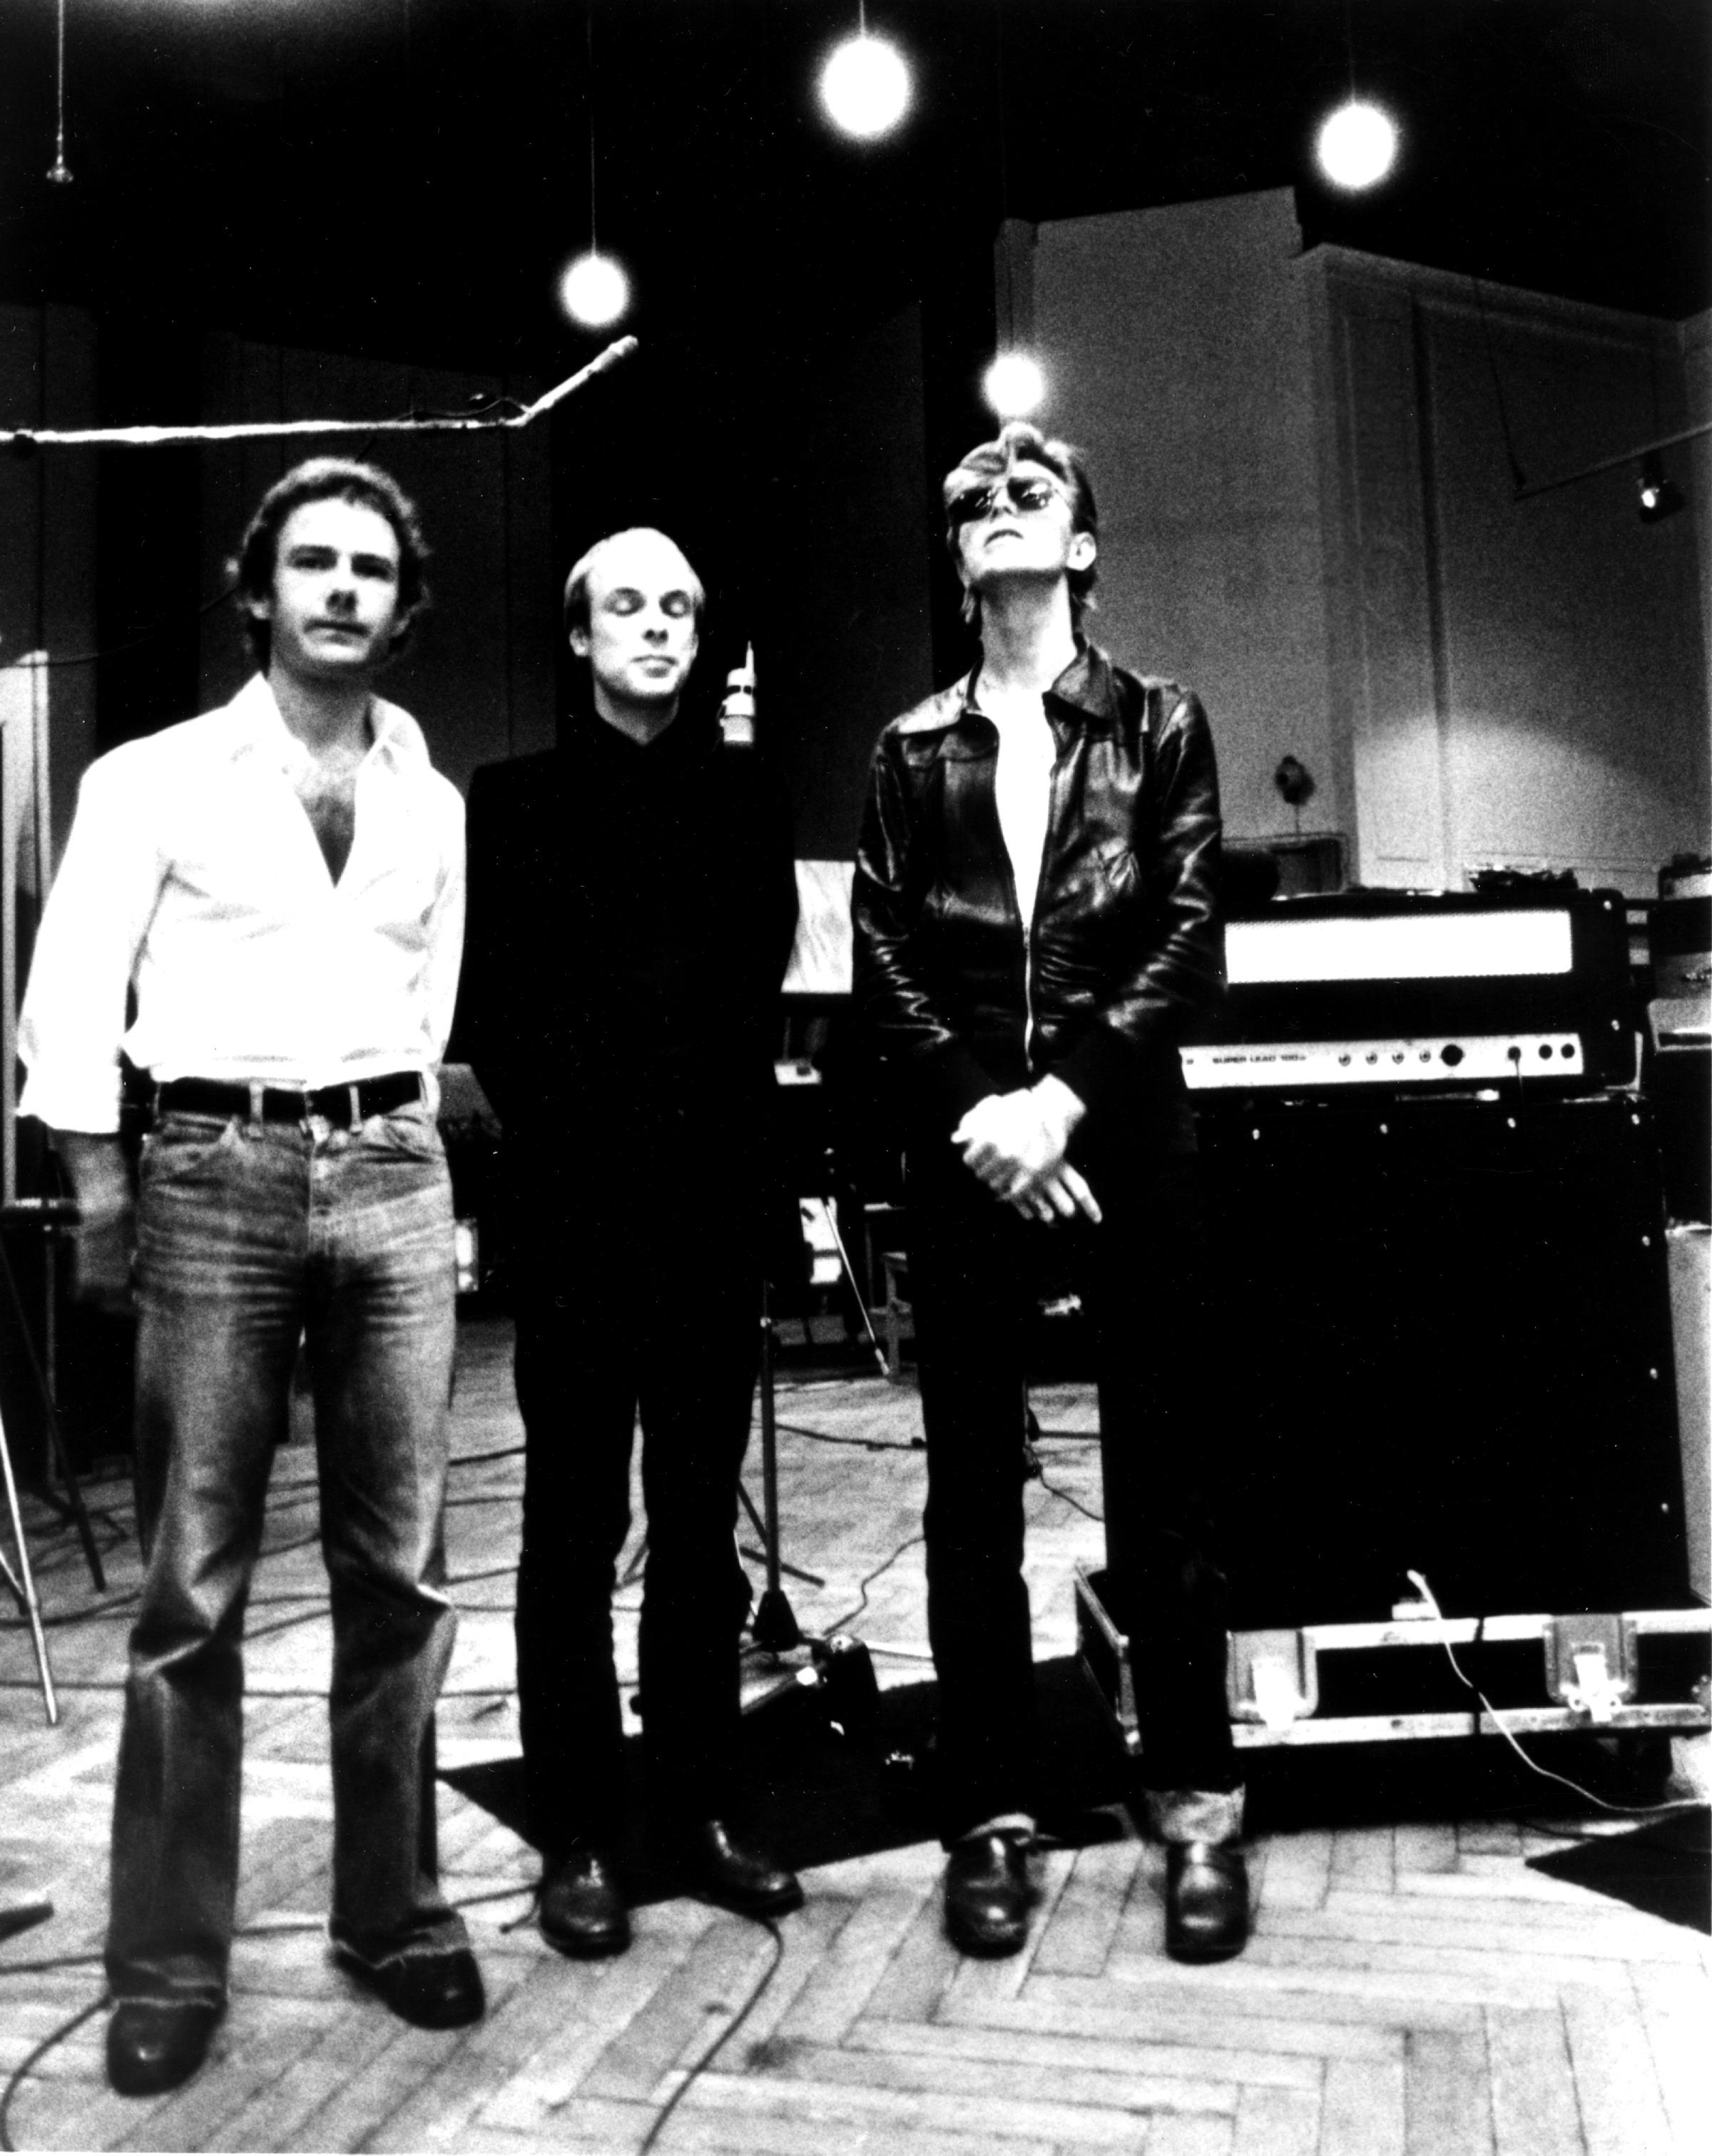 Fripp/ Eno/ Bowie/ Studio Hansa/ Berlin/ 1977/